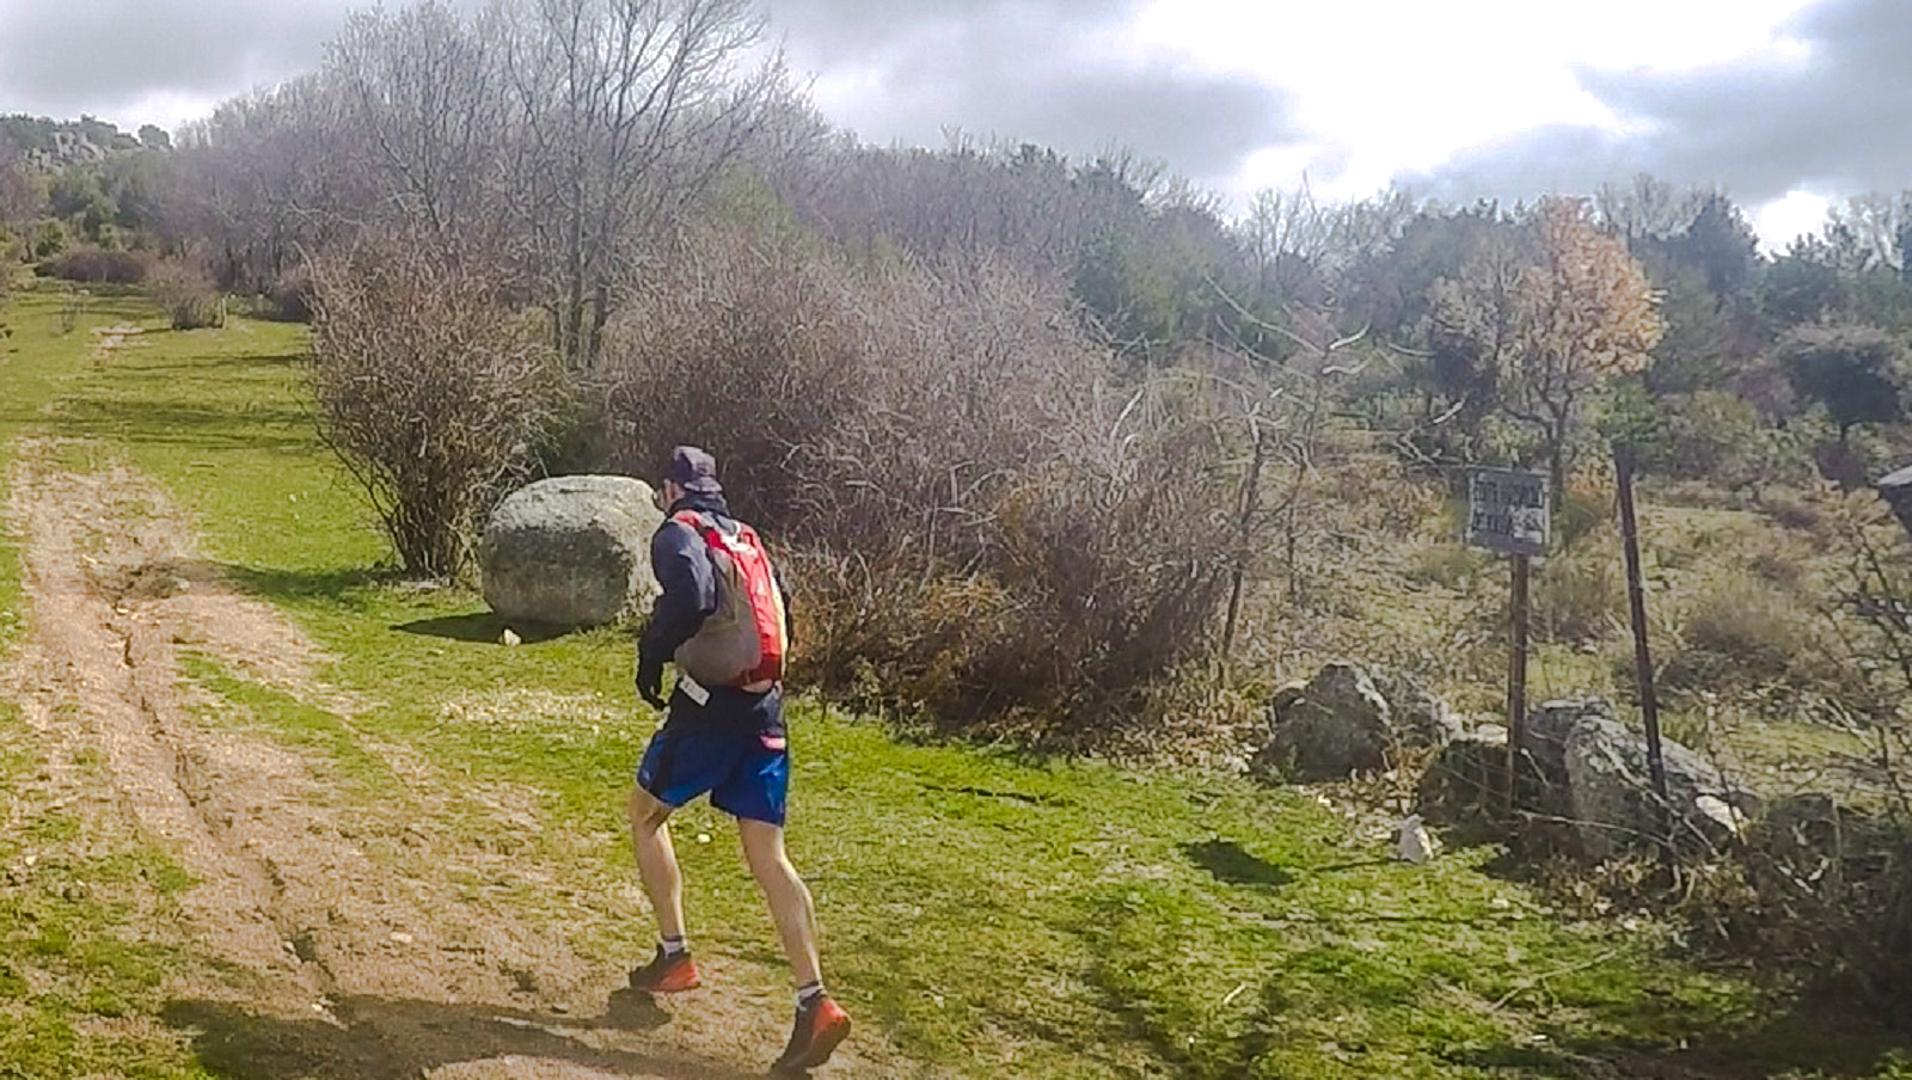 Tecnica de carrera en subidas de Trail